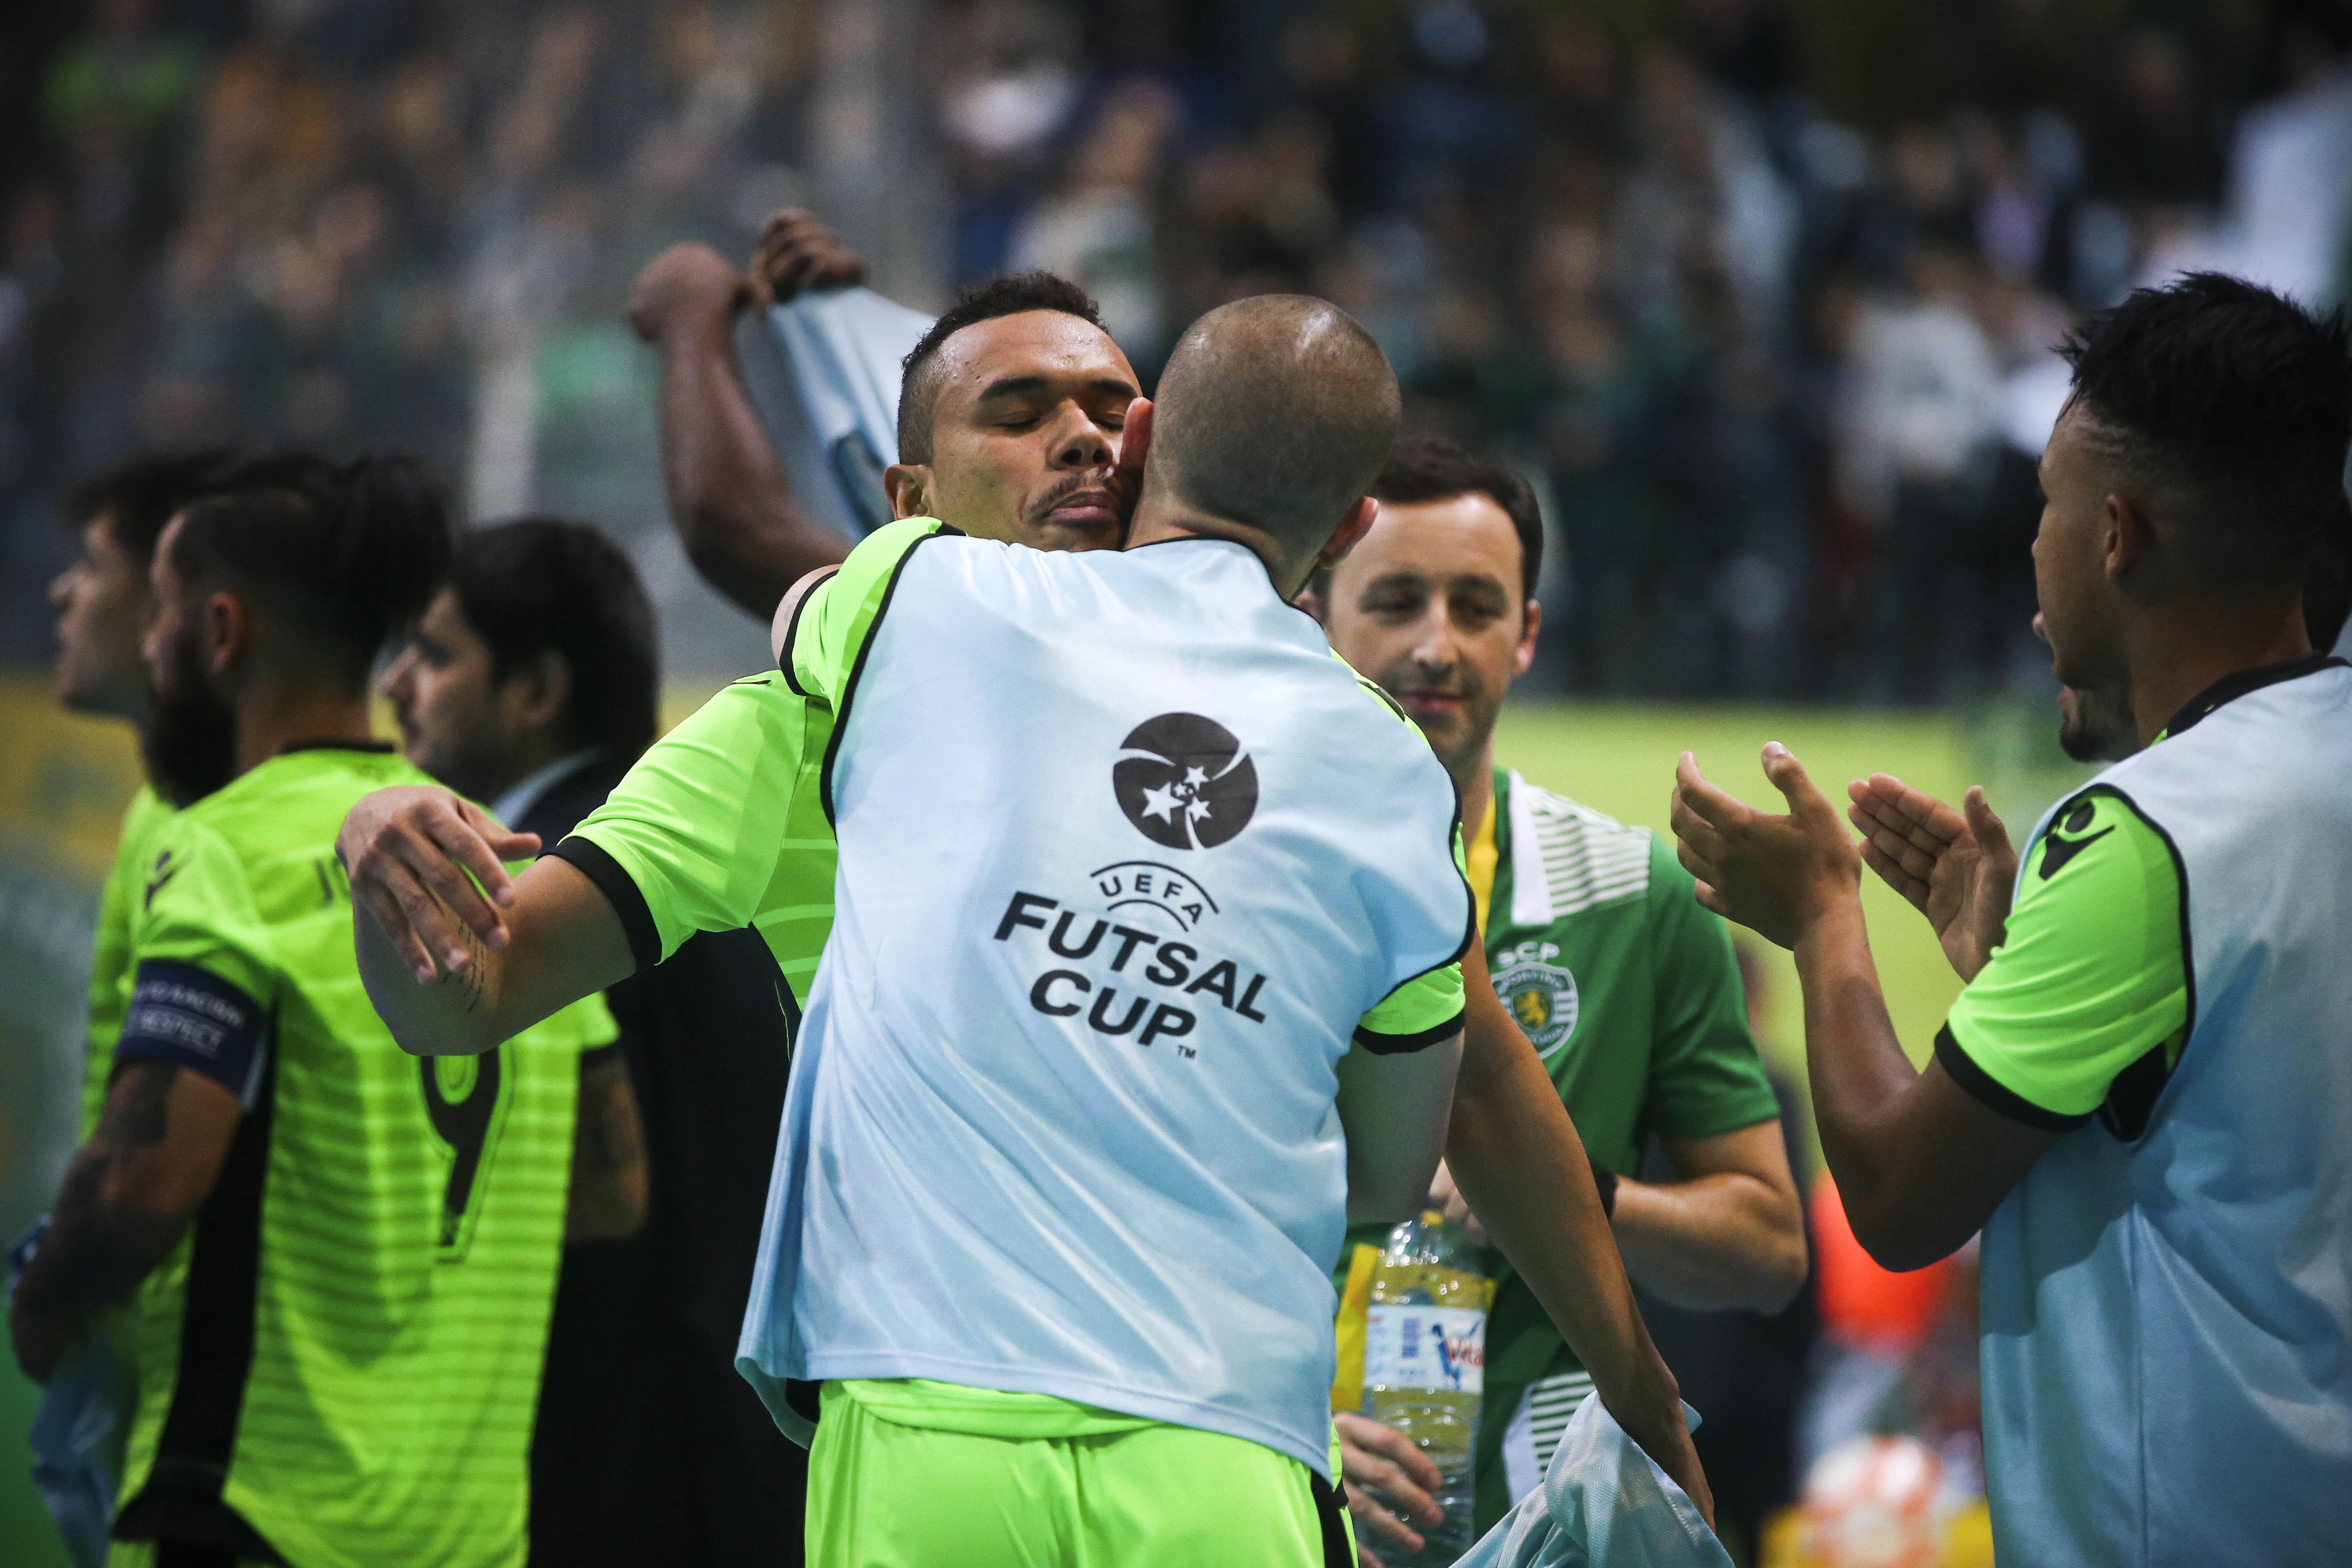 Pavilhão João Rocha recebe Ronda de Elite da Taça UEFA - Renascença a503a4ad783a7